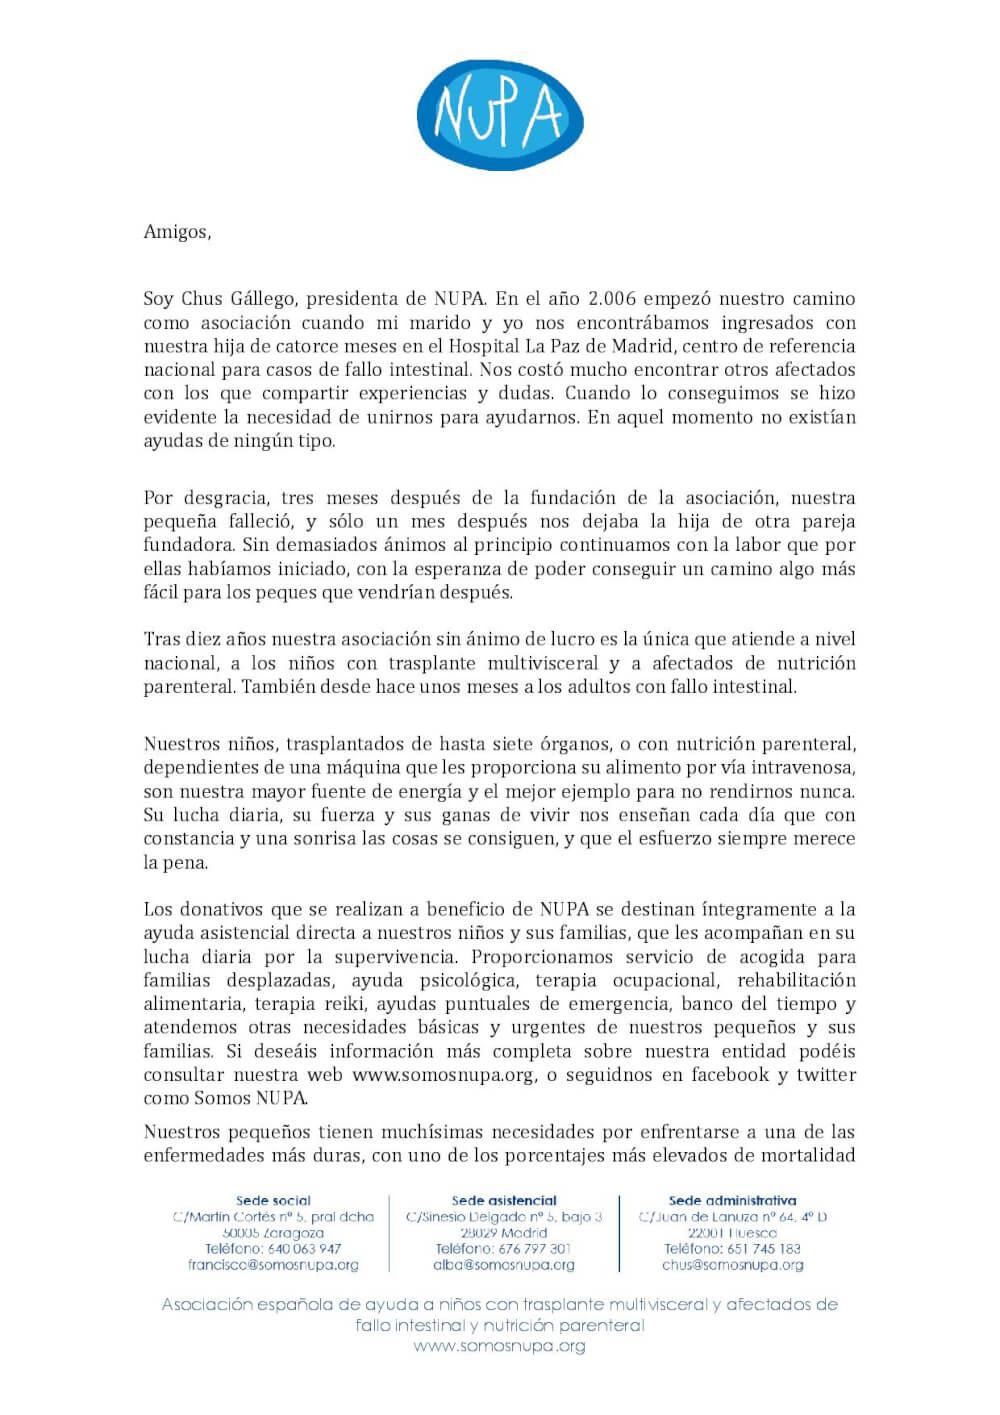 carta agradecimiento de nupa page 001